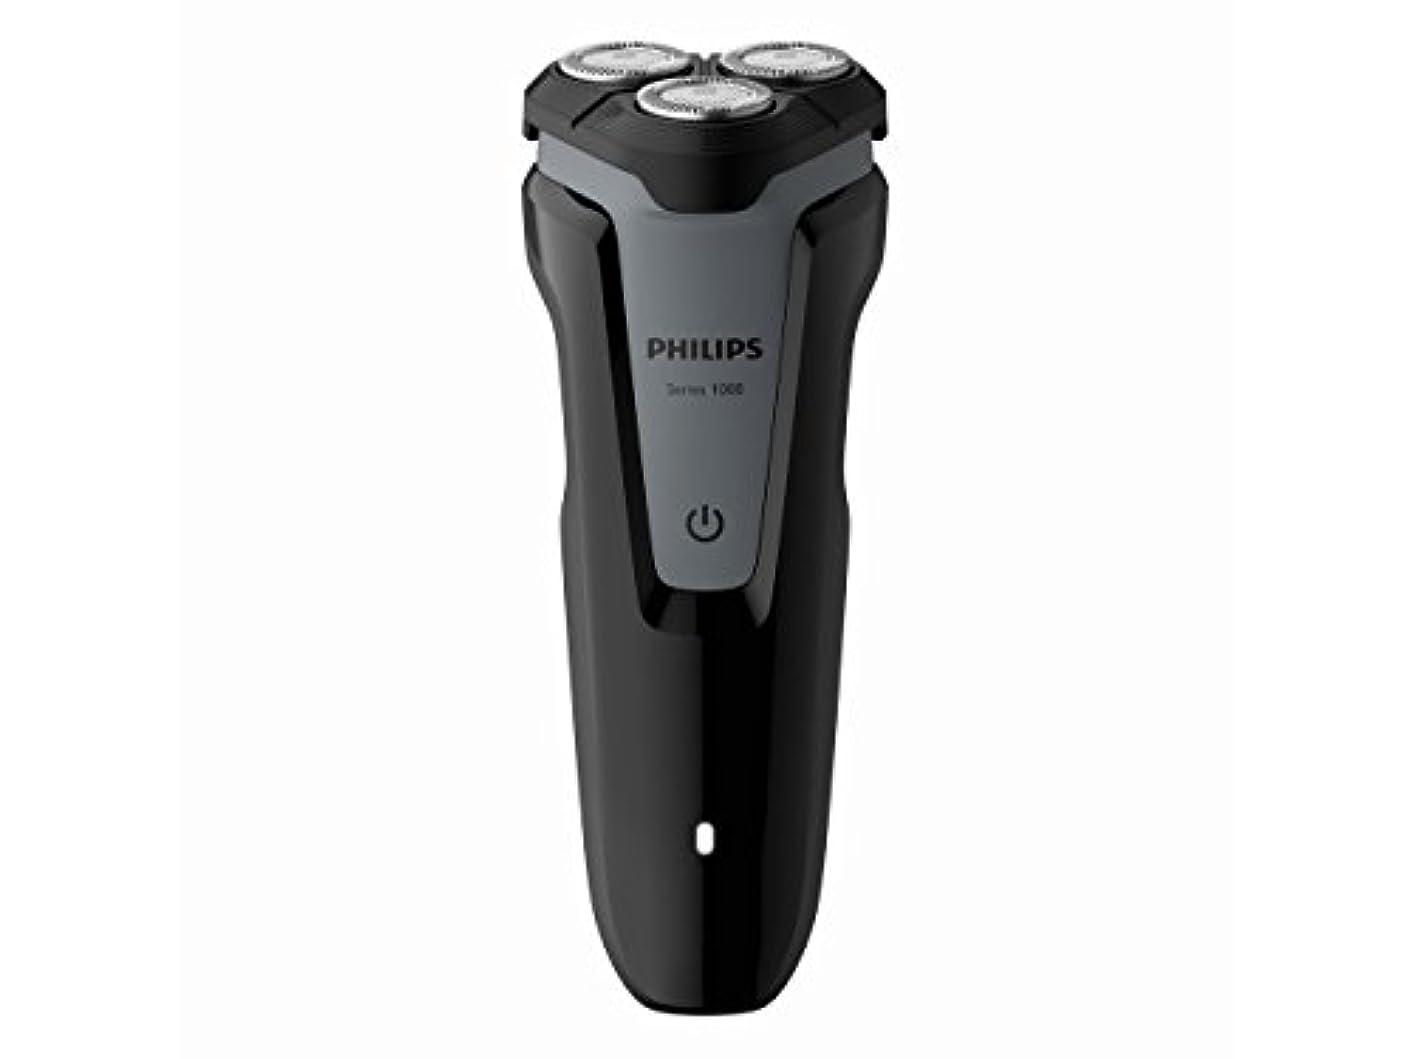 極貧エロチック貼り直すフィリップス 1000シリーズ メンズ電気シェーバー 回転刃 お風呂剃り可 S1041/03